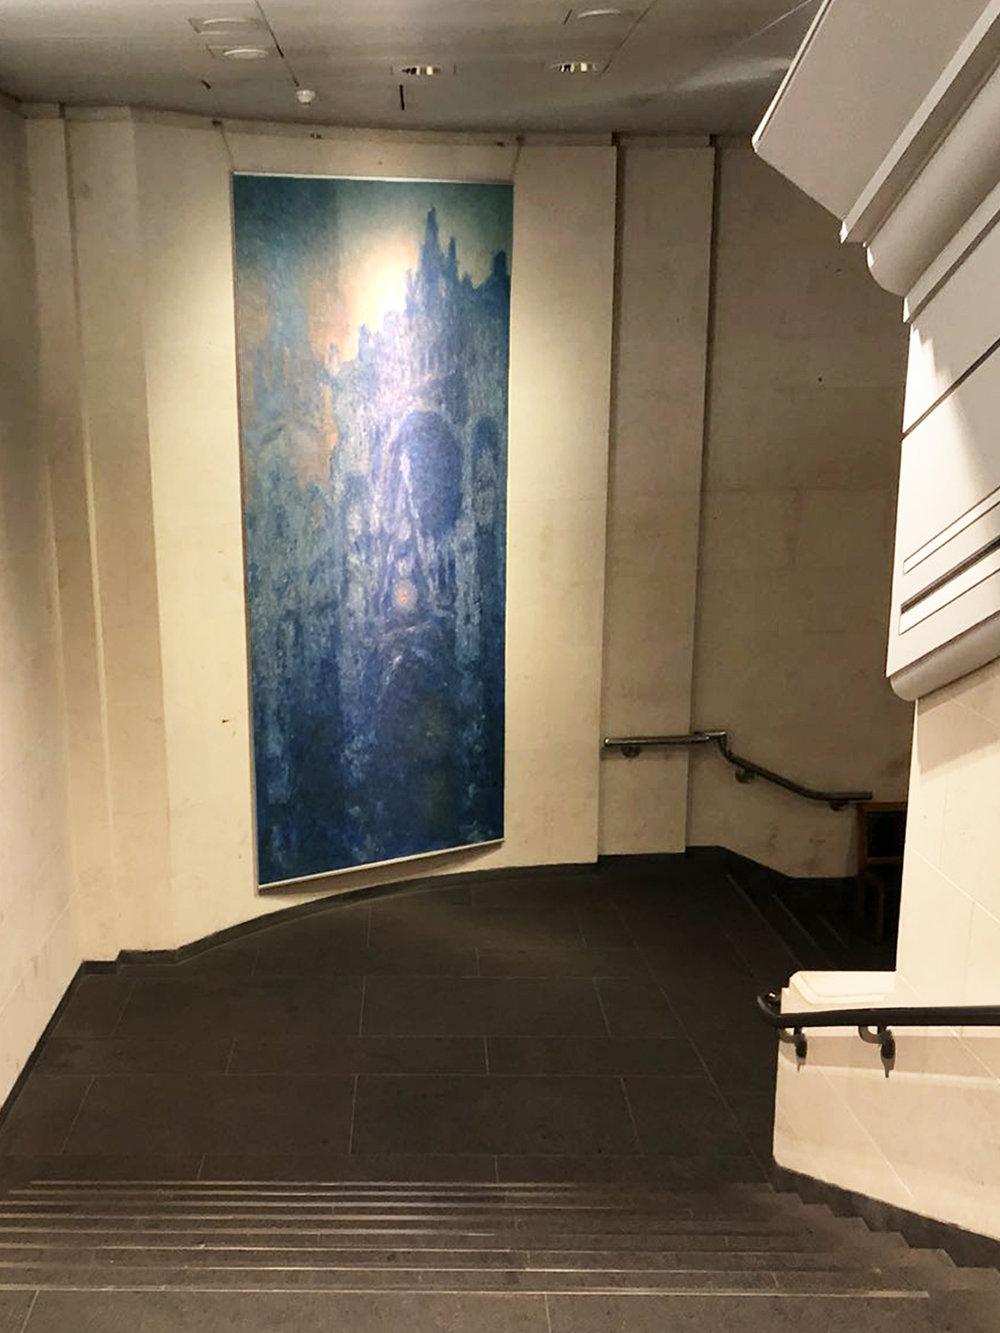 A_LONDON_Monet_Architecture_Exhibition_05.jpg